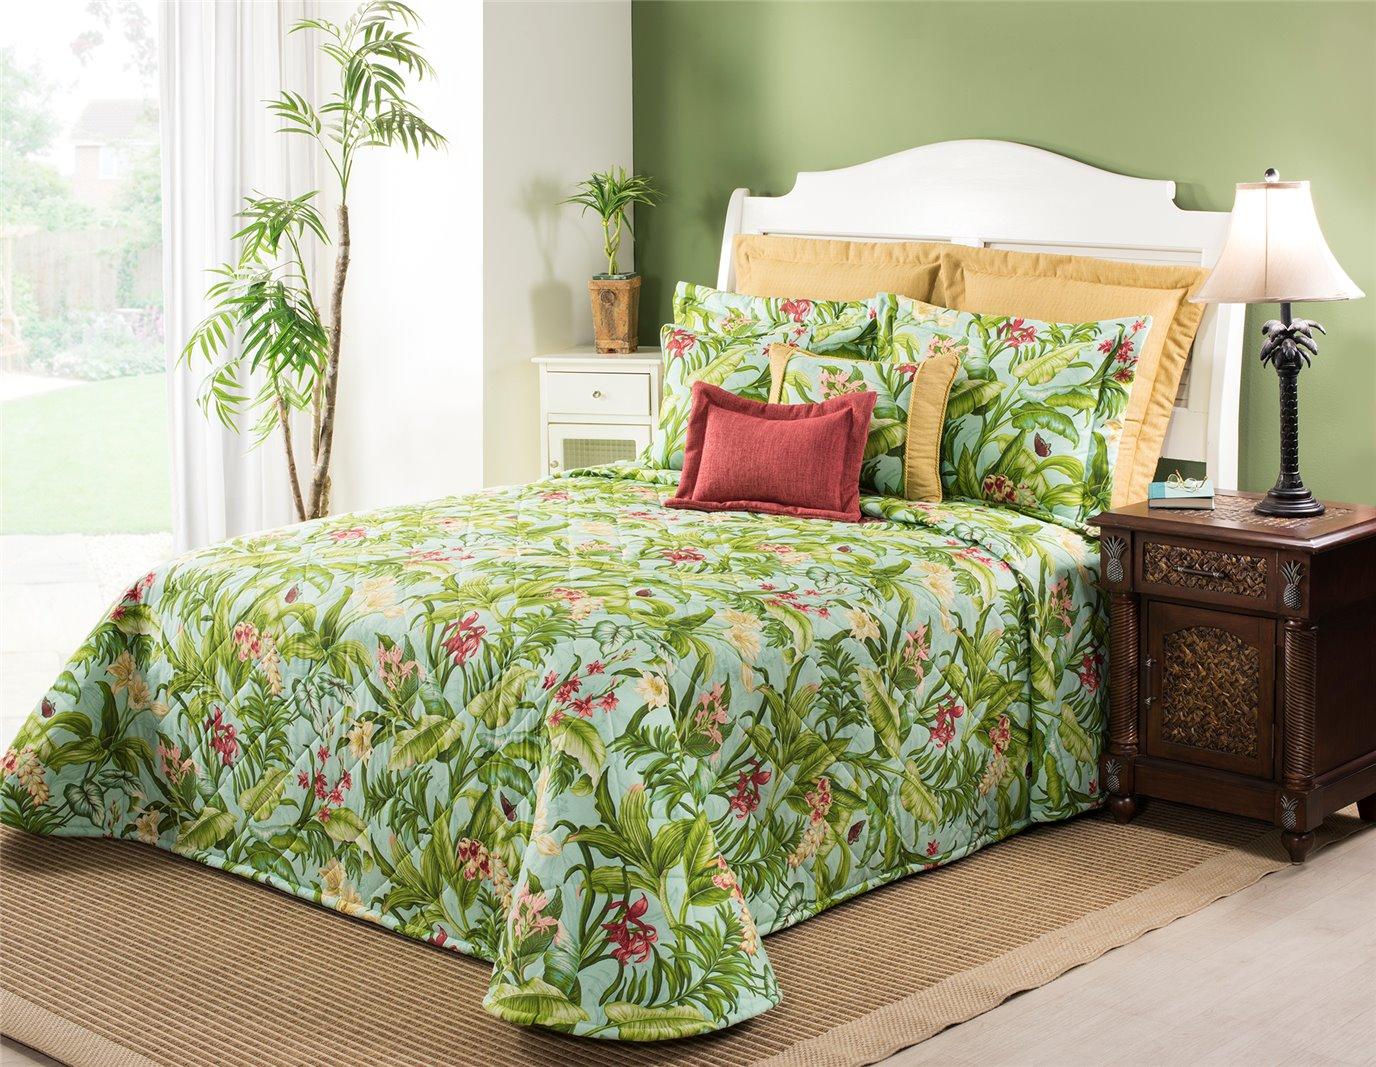 Wailea Coast Bloom Bedspread-California King